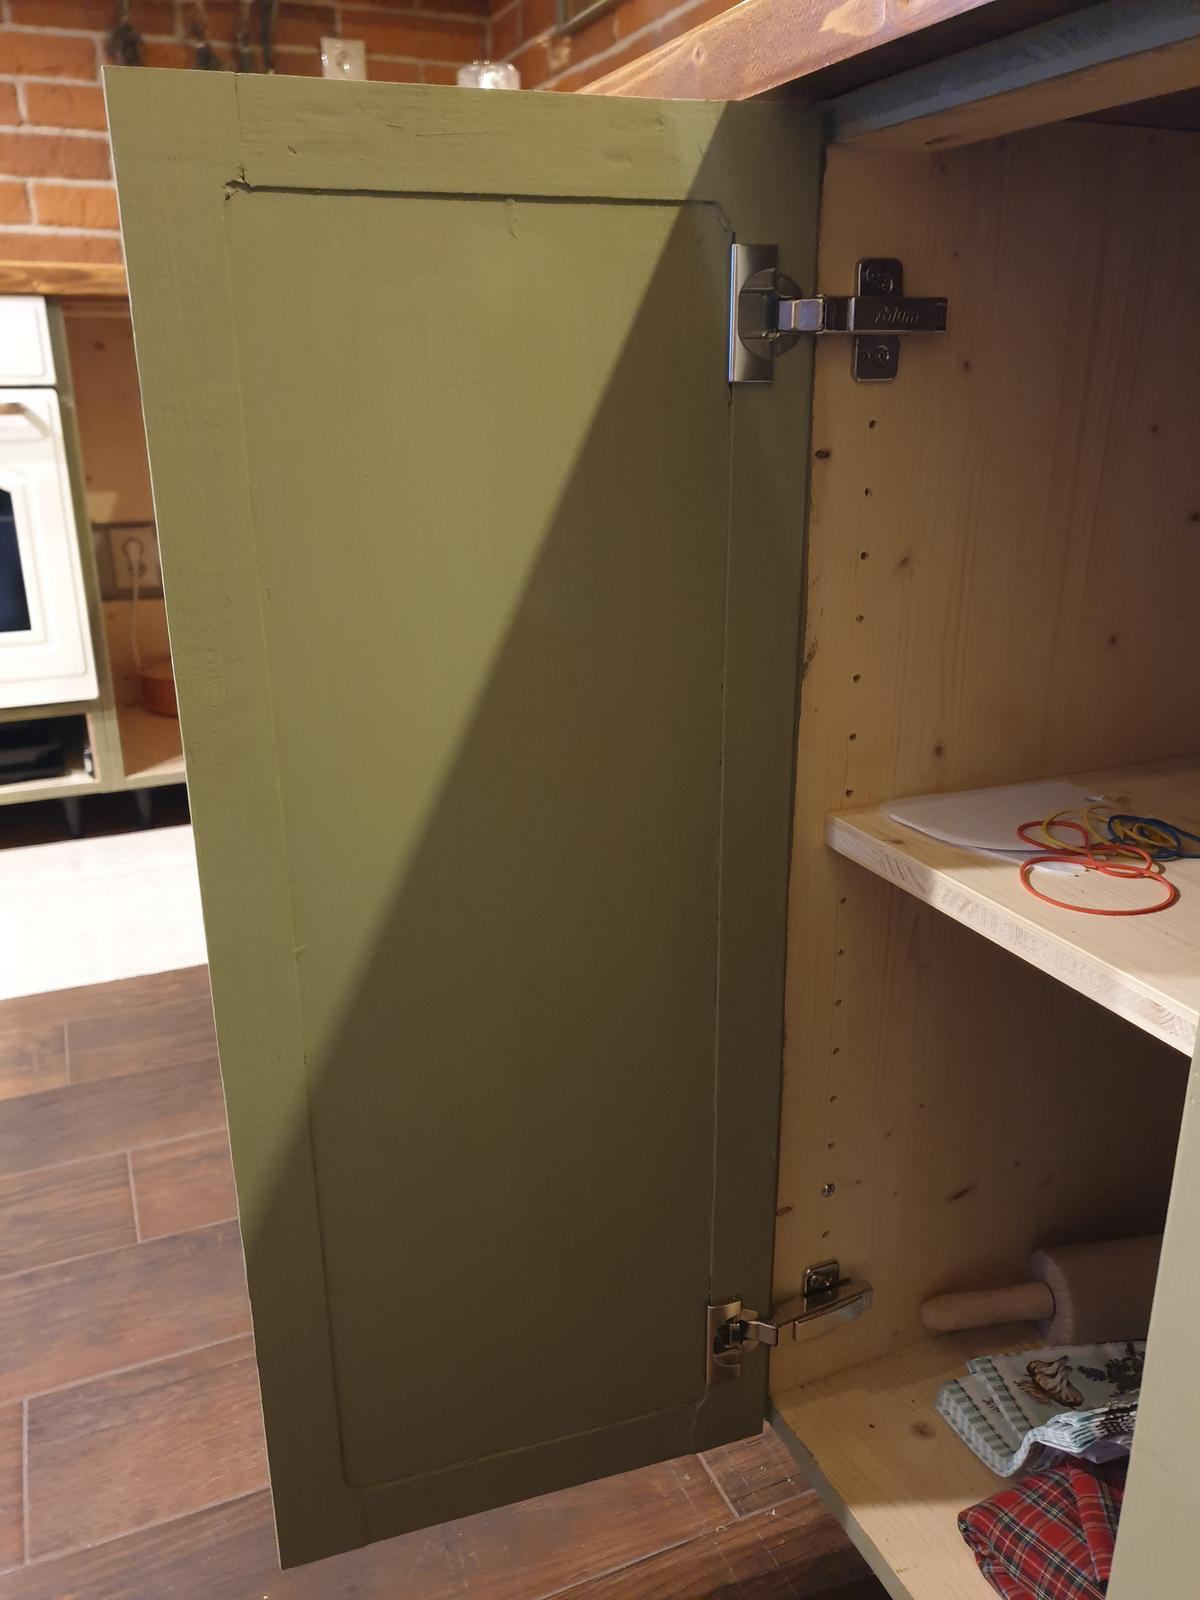 Kuchyňa svojpomocne - natreté farbou z oboch strán. ešte zavoskovať. A ešte úchytky..už sú objednané :)